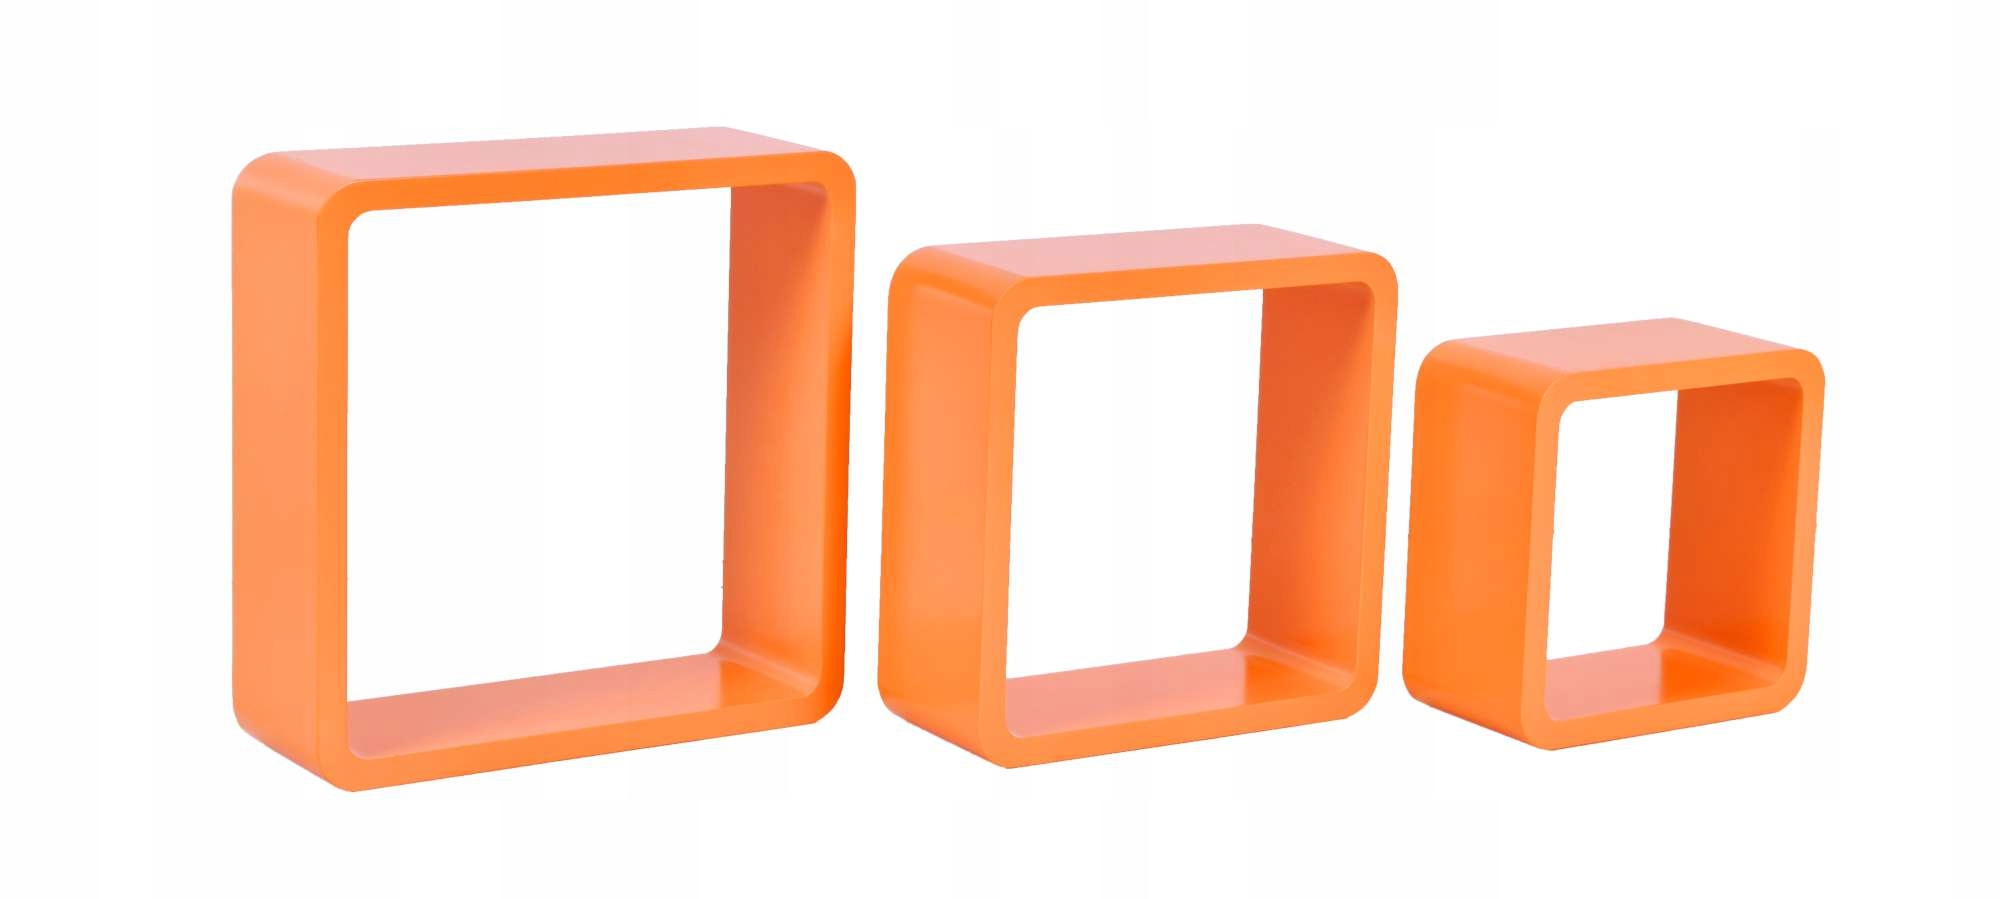 3 Półki Wiszące Cube Pomarańczowy Ehokerypl Tanie